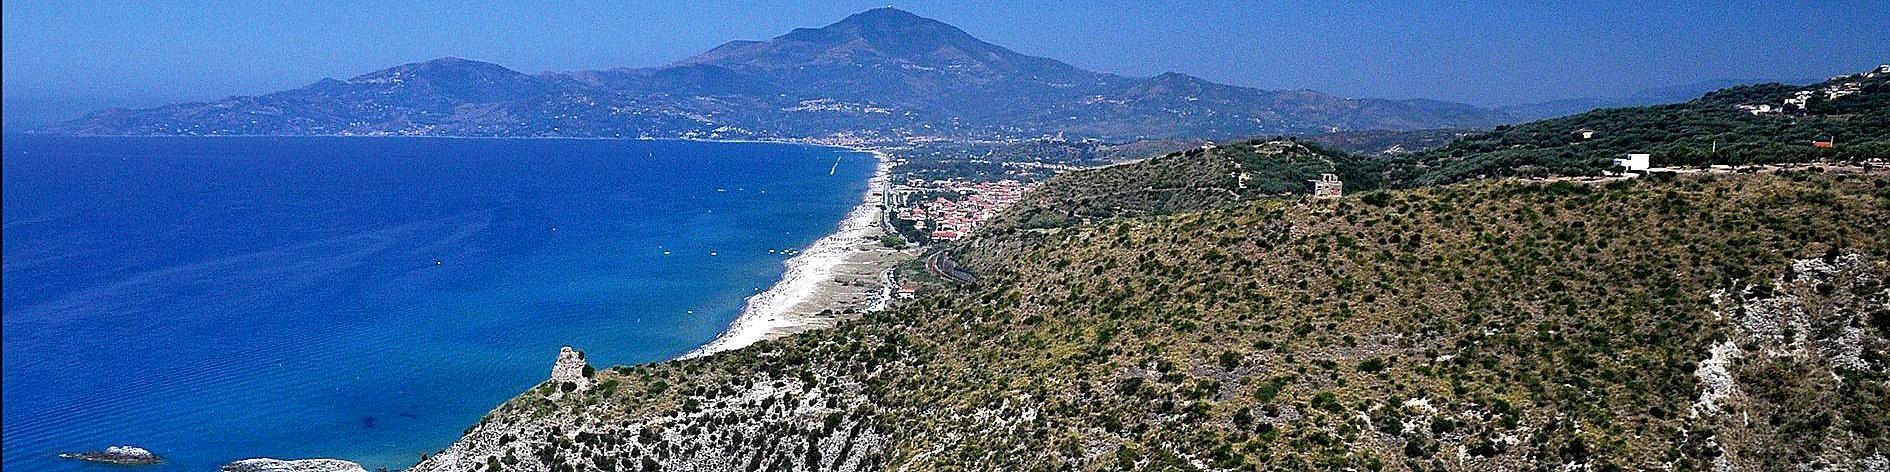 Ascea Marina, celkový pohled